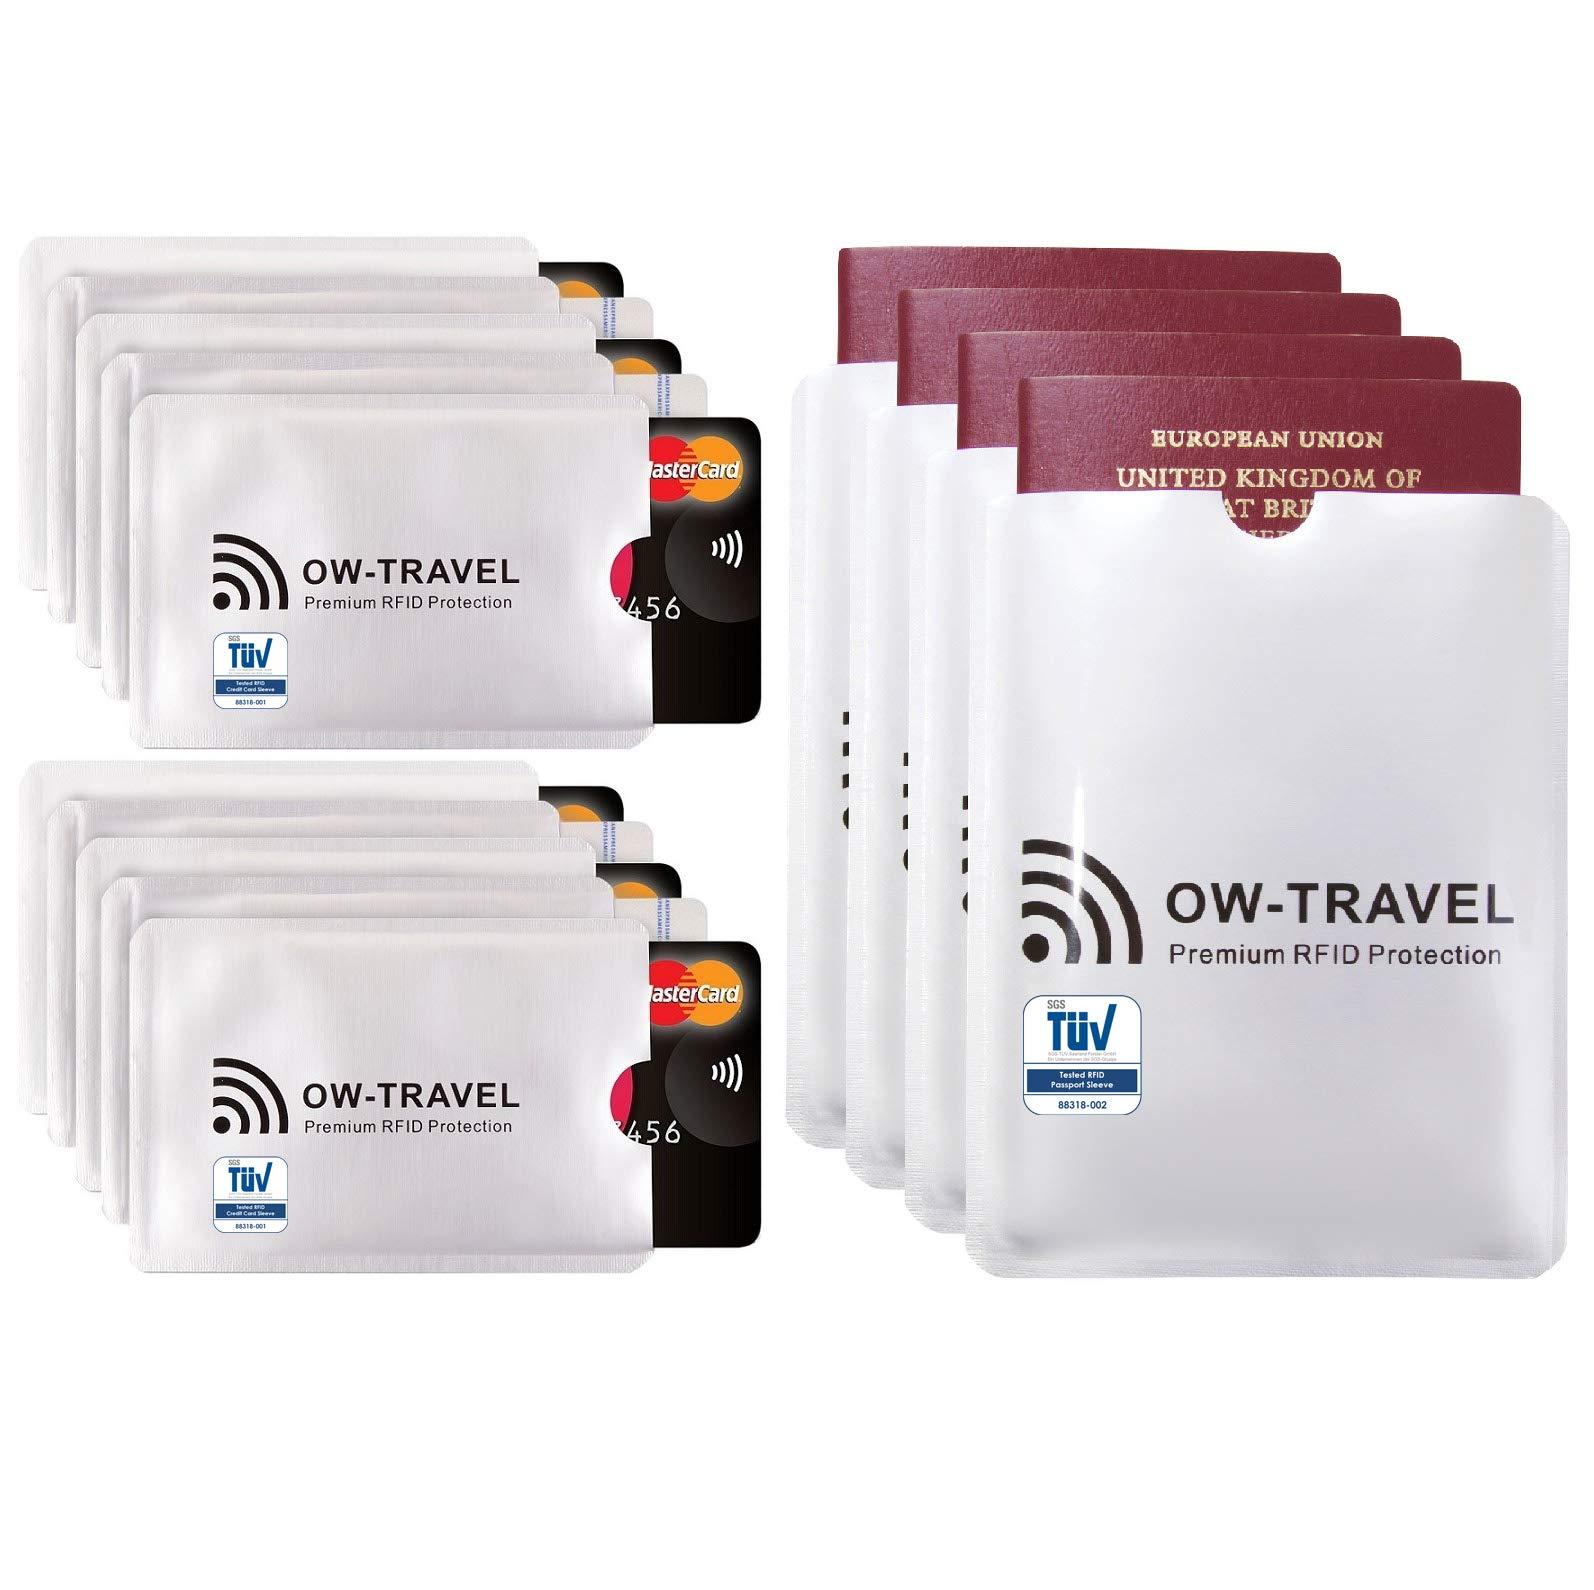 ... Identificaciones -. ✅ Bloqueo RFID - ANTI FRAUDE - Protectores para Tarjetas de Crédito Débito Sanitaria Identificaciones - Protector Pasaporte ...